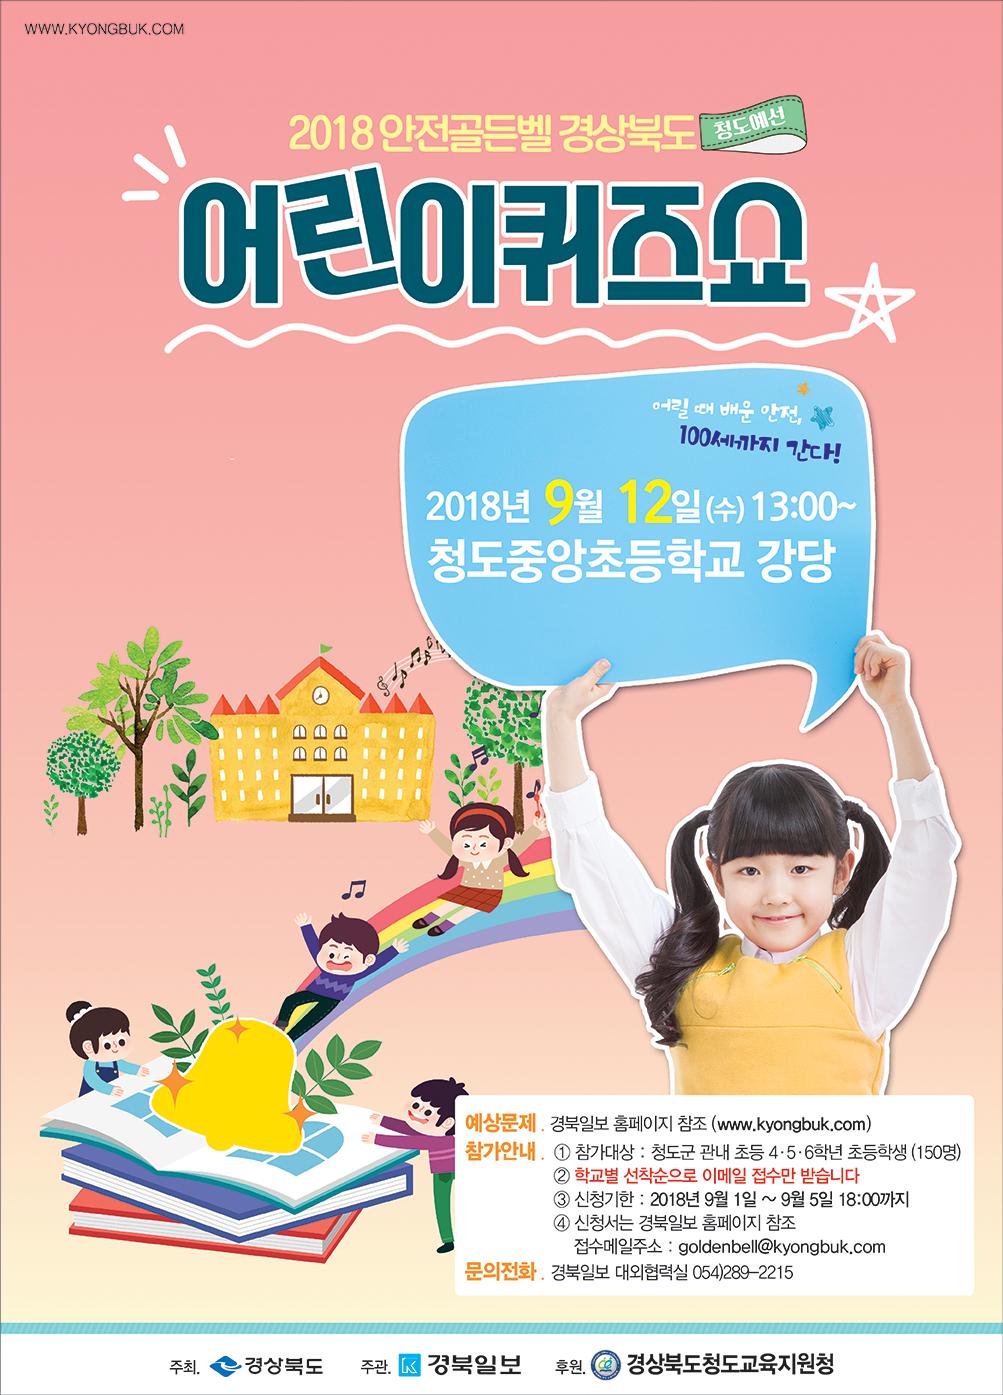 2018_안전골든벨 청도예선_pop_N.png